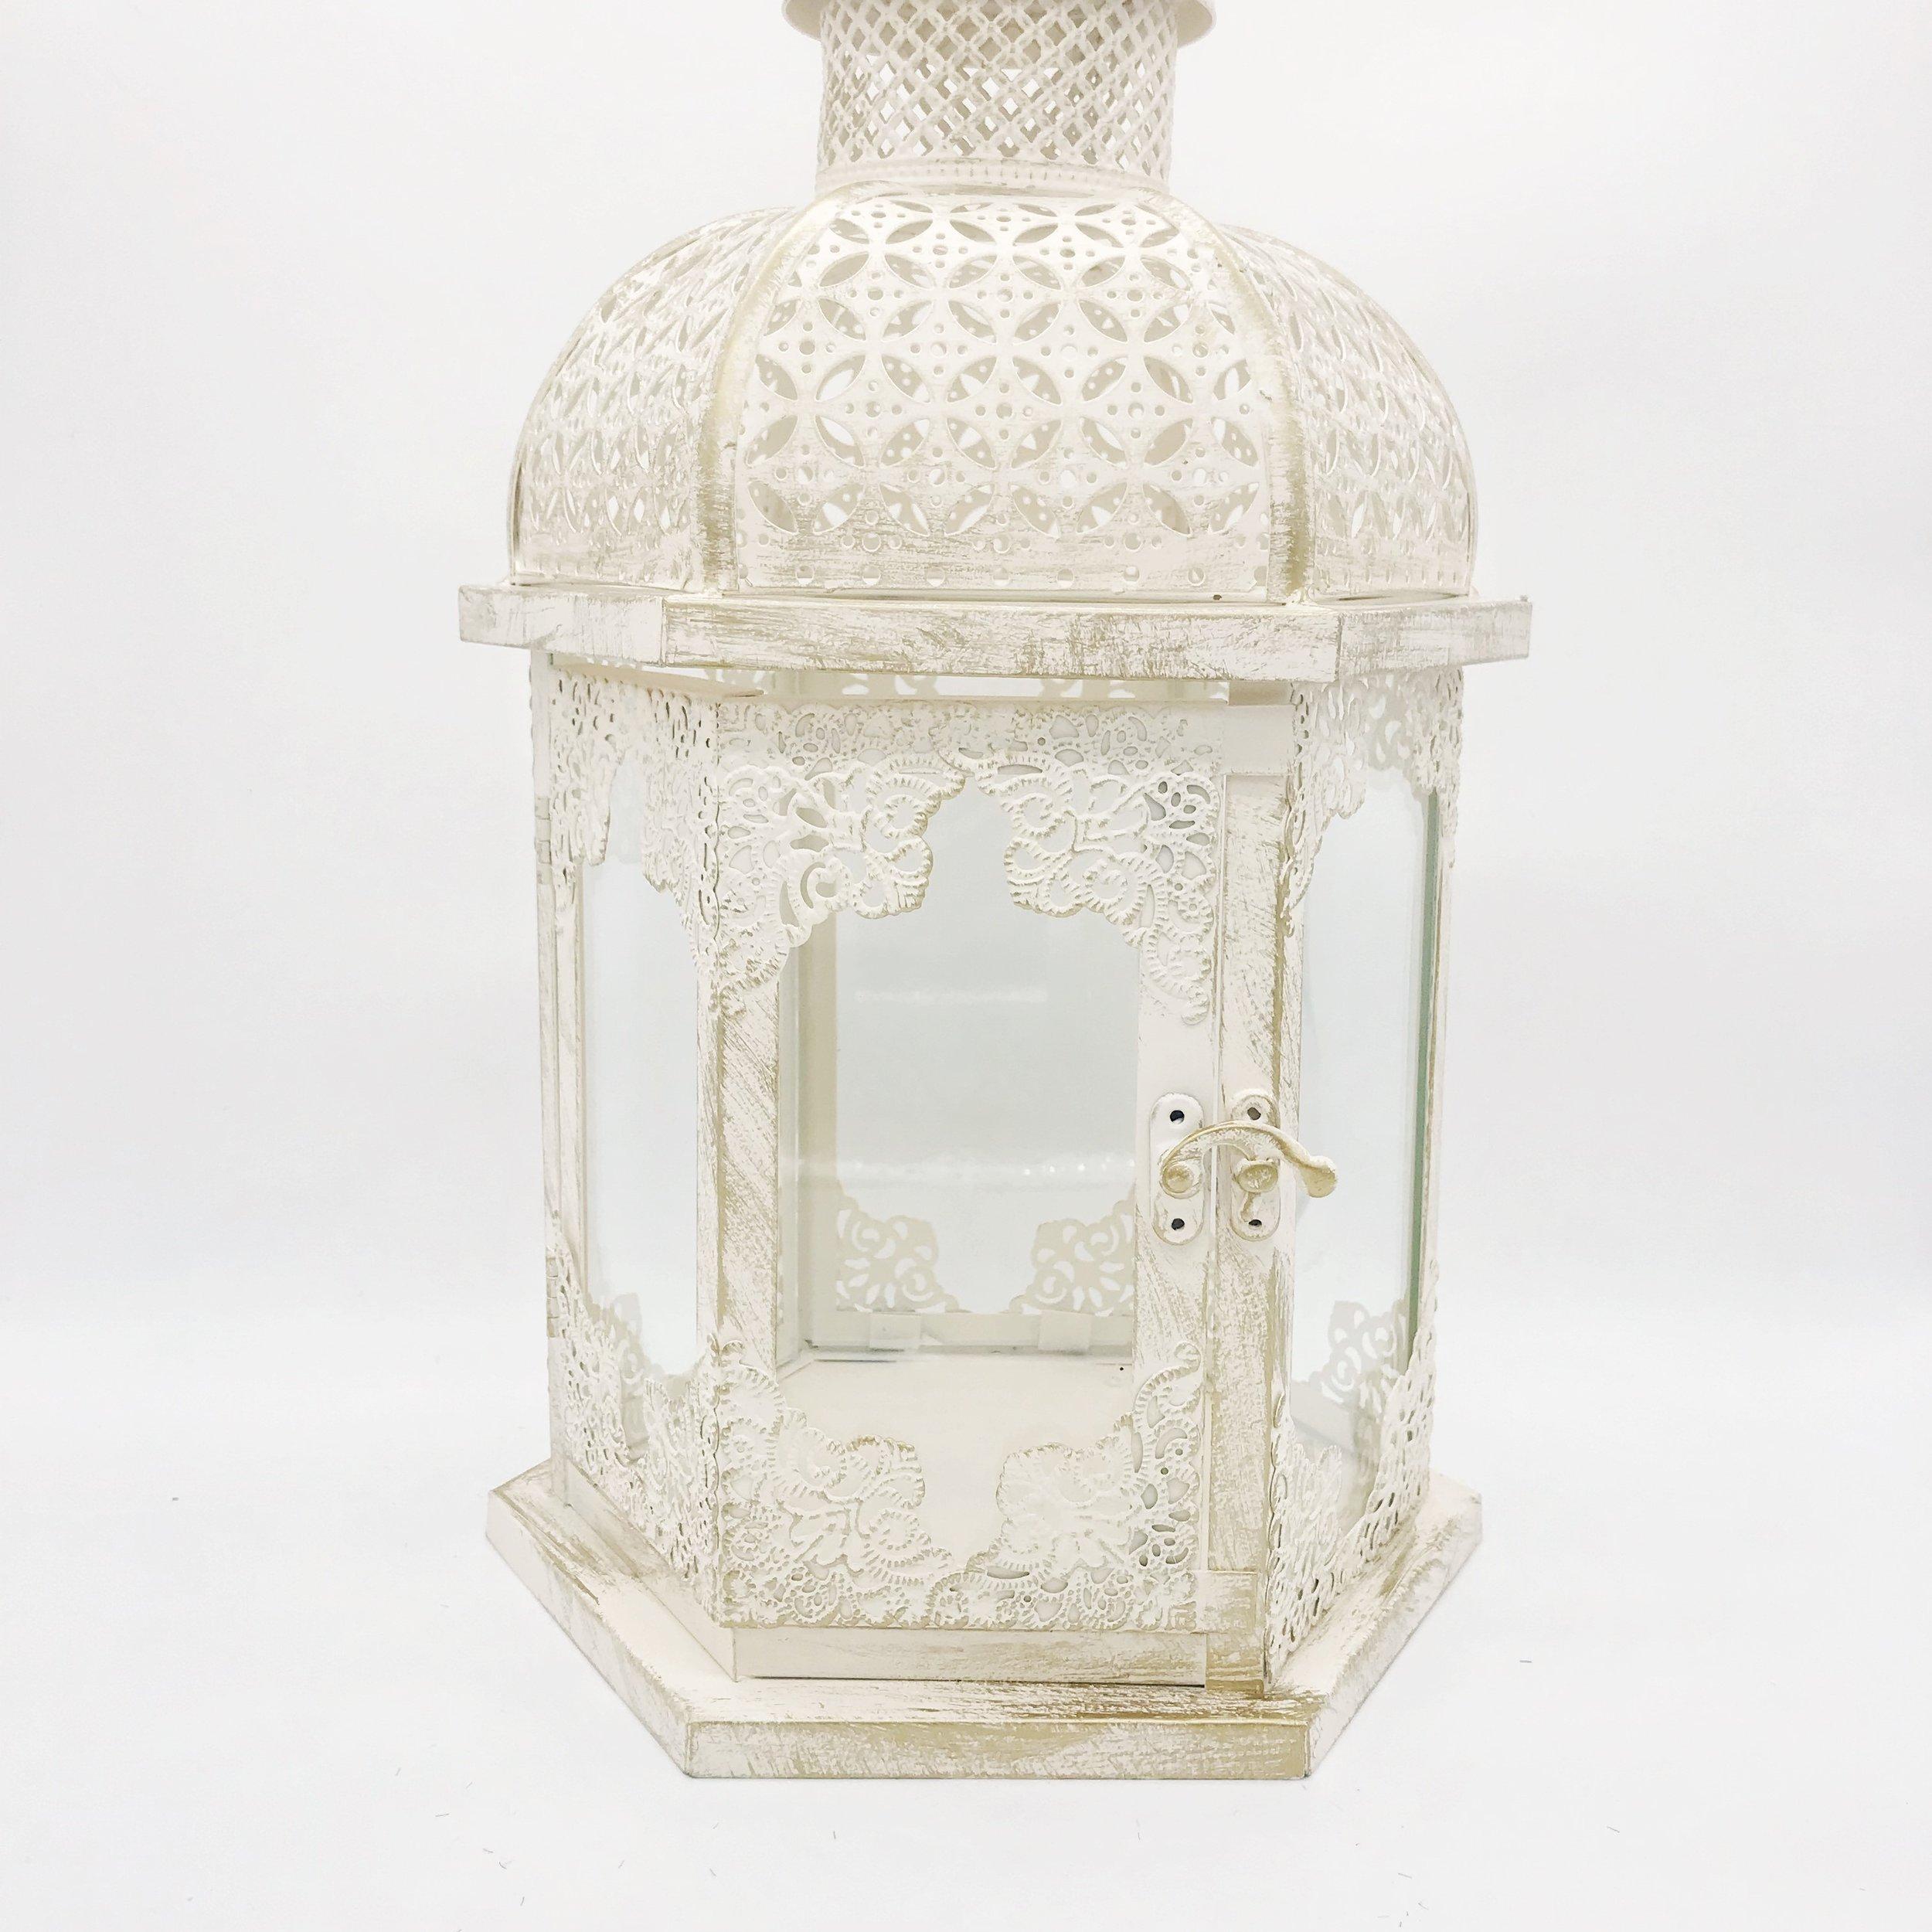 Wishing well - vintage lantern (large)  Price: $30.00  Qty: 1